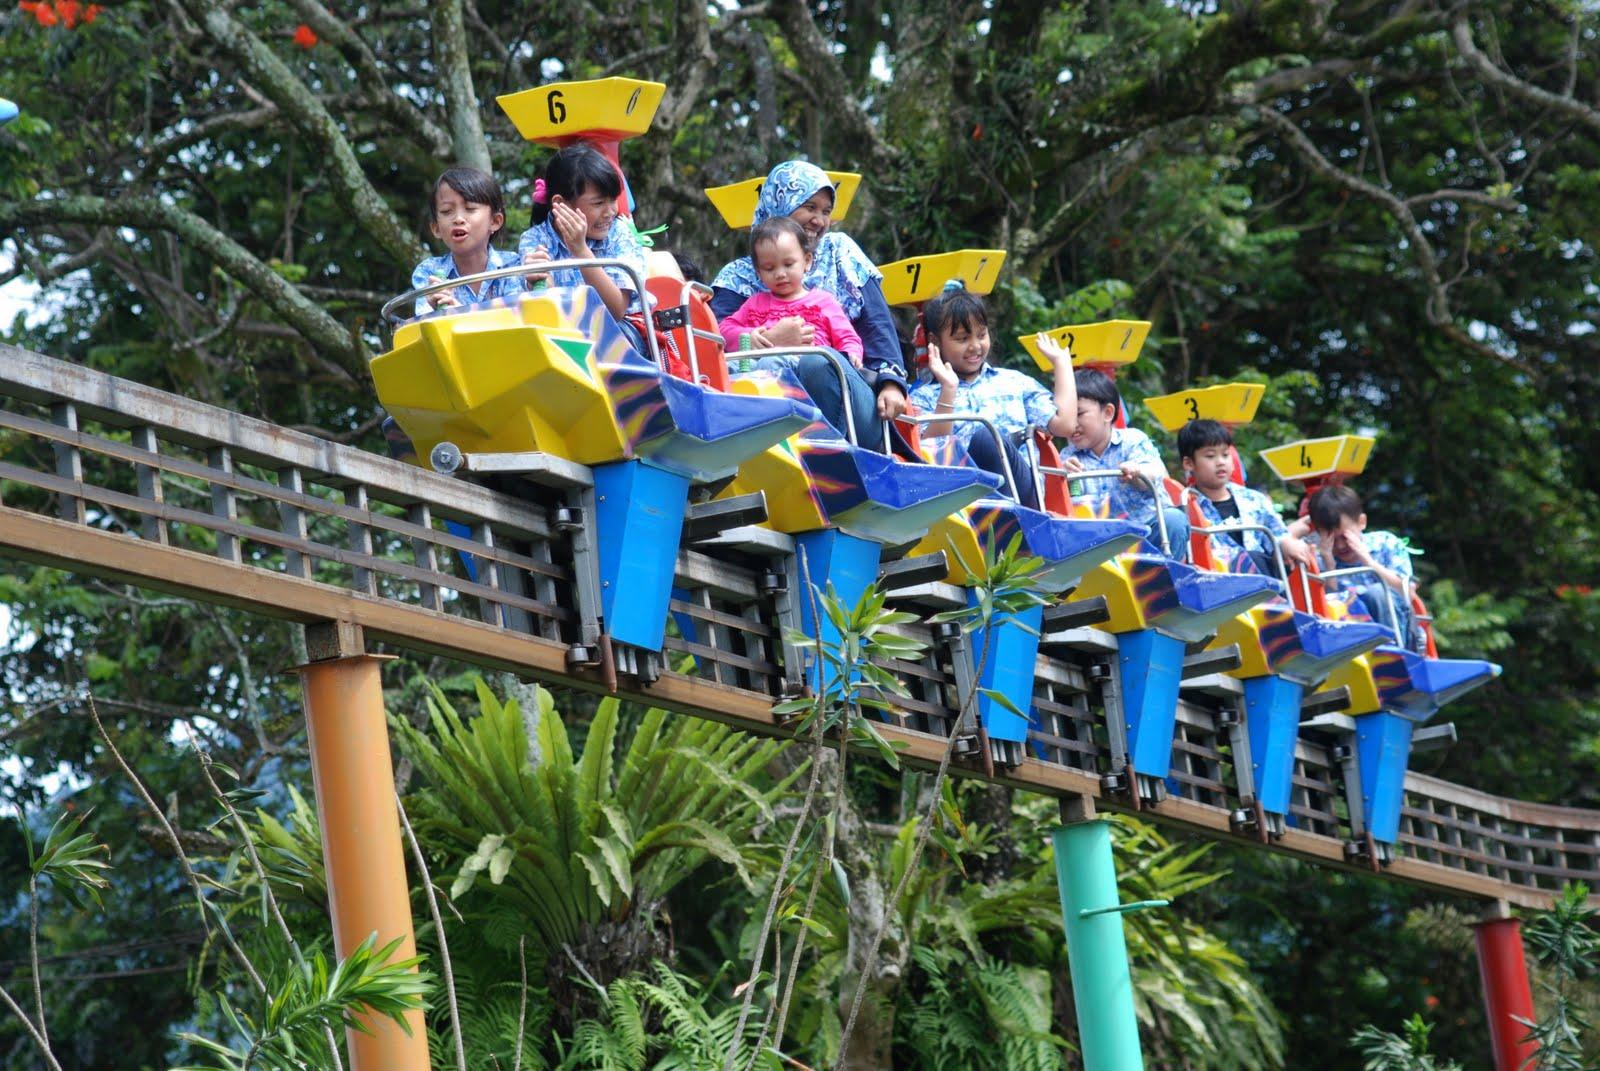 Taman Wisata Matahari - Tempat Wisata Terbaik untuk Liburan Keluarga Di Bogor